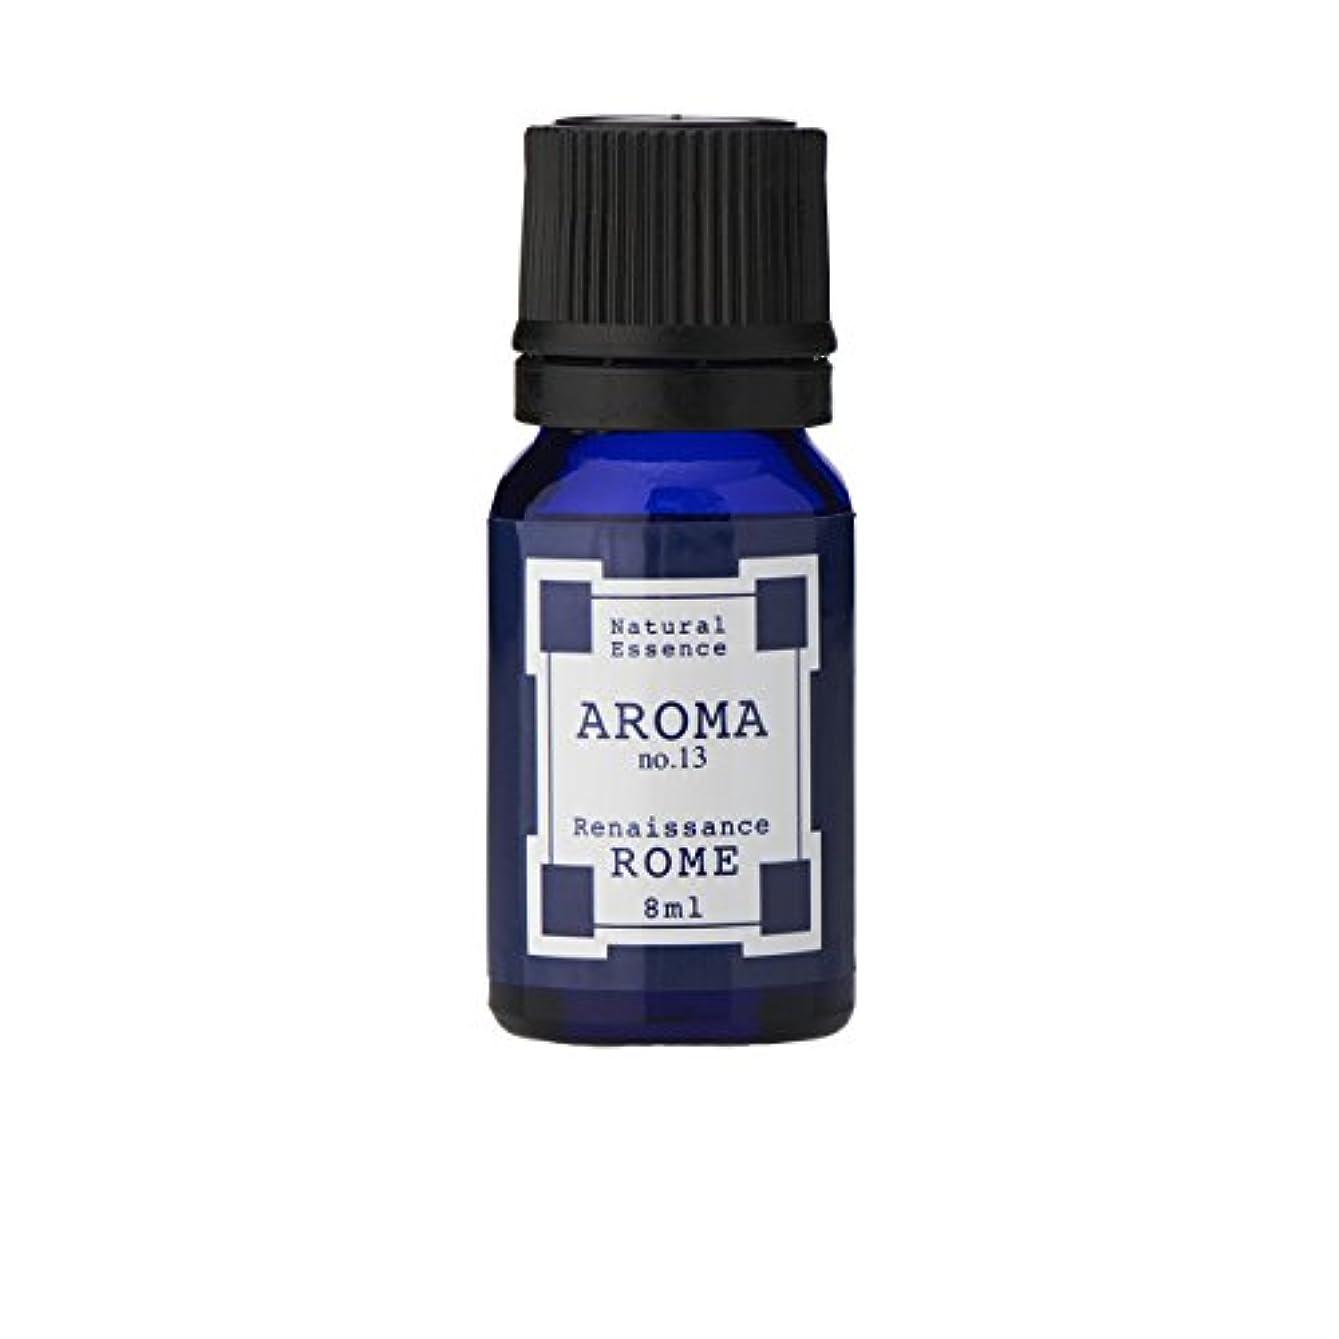 残る強調するスーパーブルーラベル アロマエッセンス8ml ローマ(アロマオイル 調合香料 芳香用)